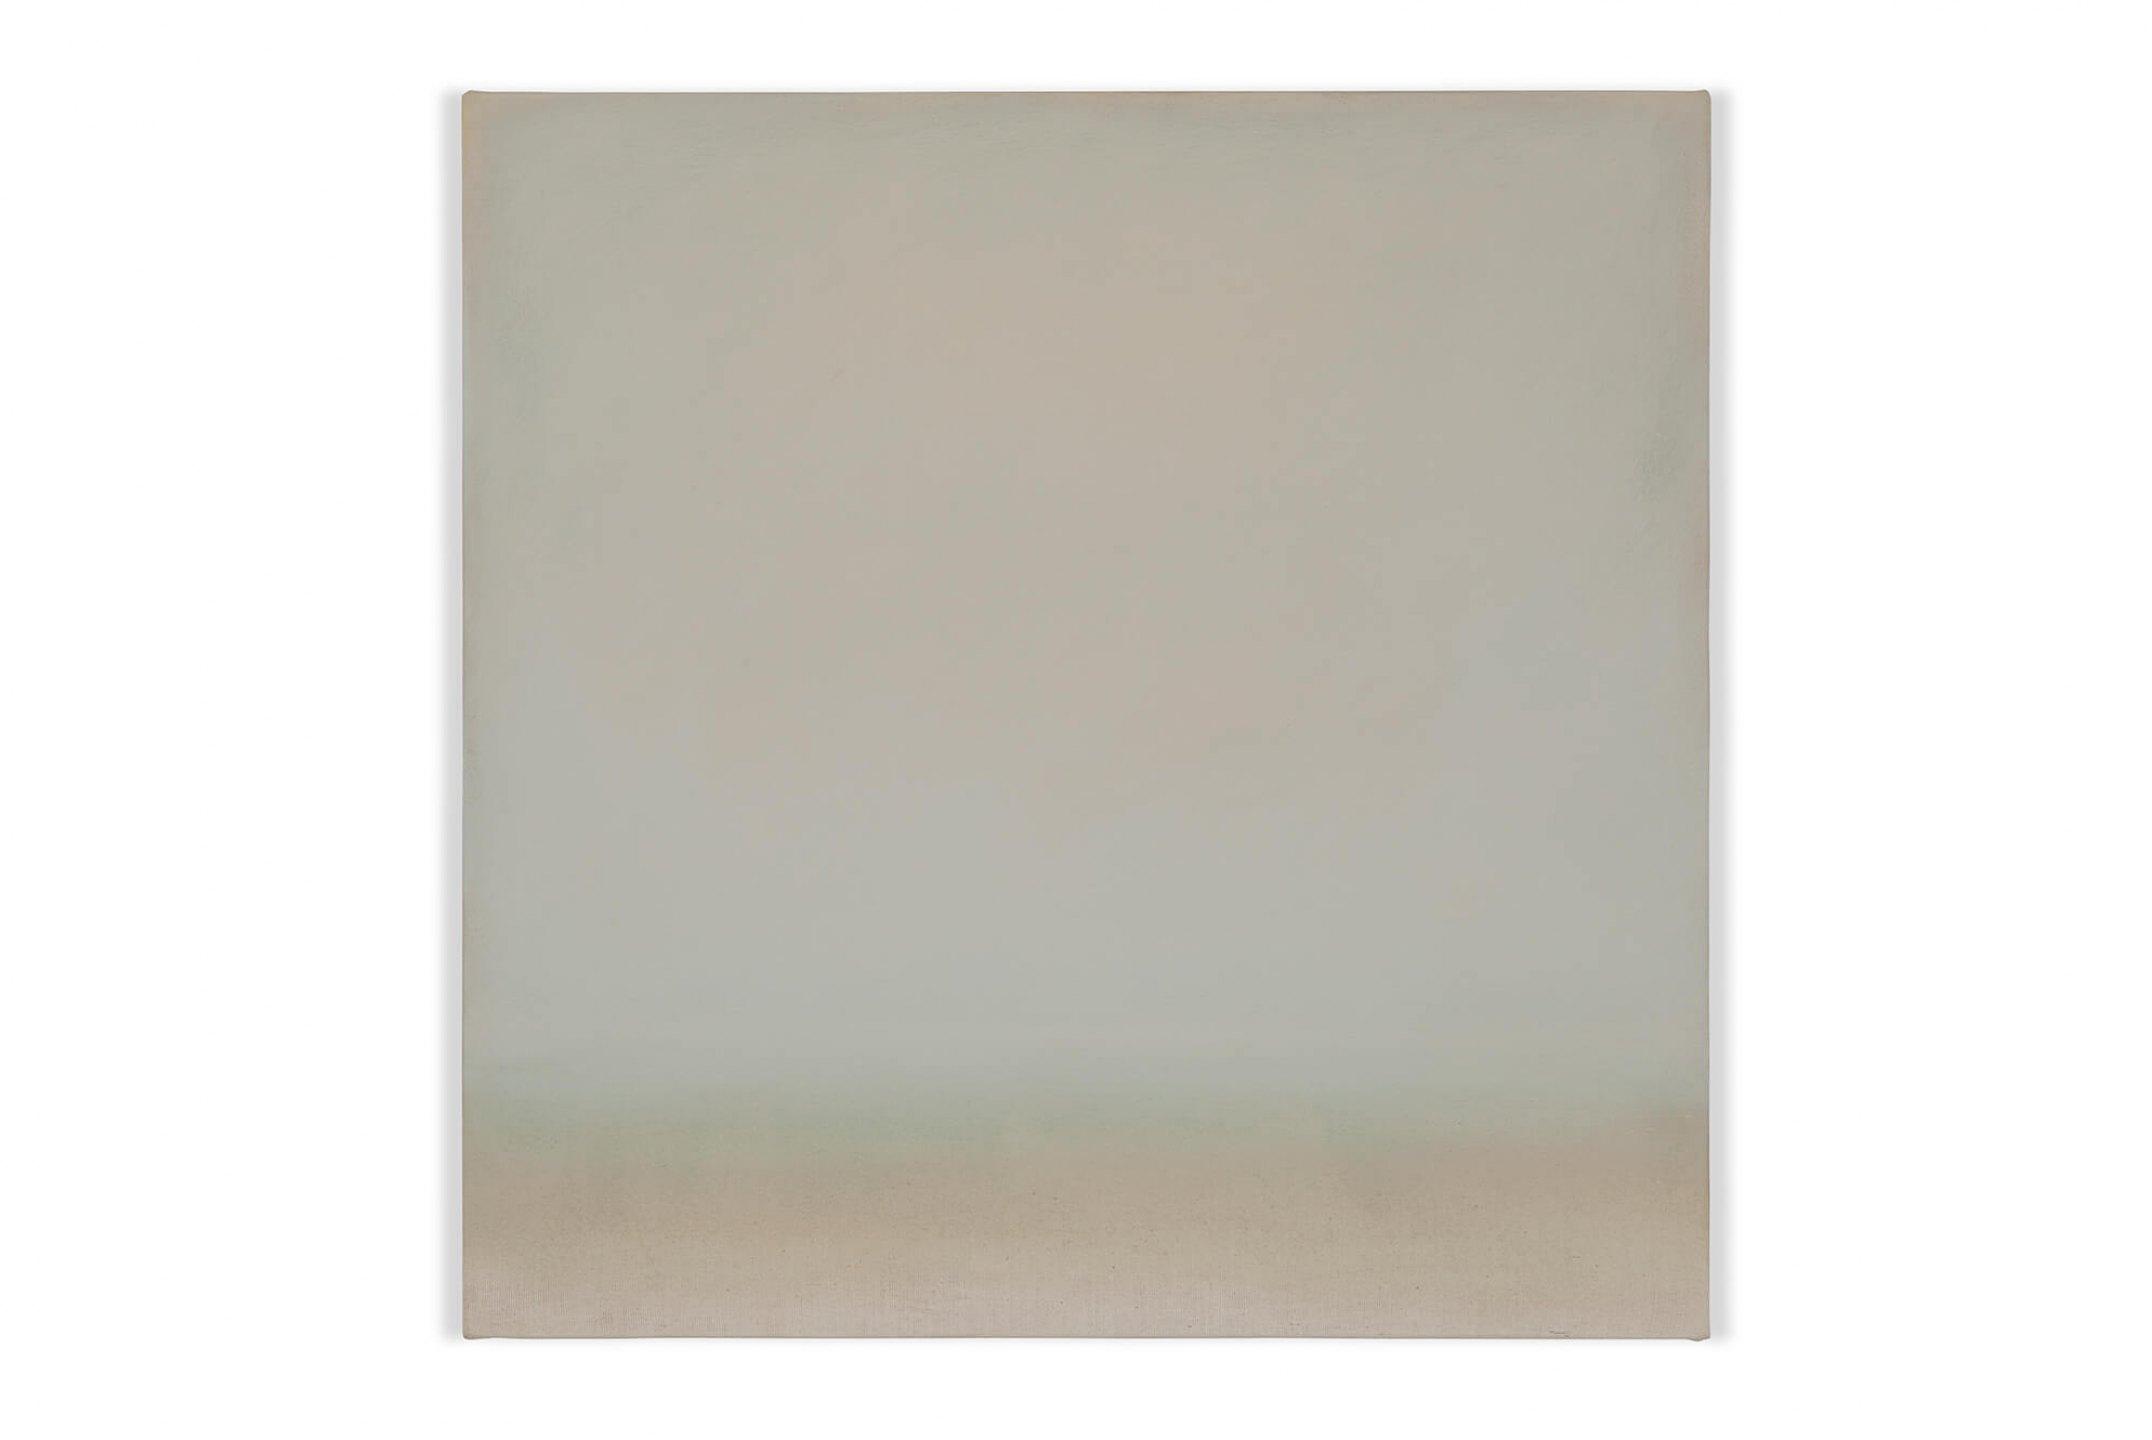 Lucas Arruda, <em>untitled</em>, 2014, oil on canvas, 40 × 40 cm - Mendes Wood DM